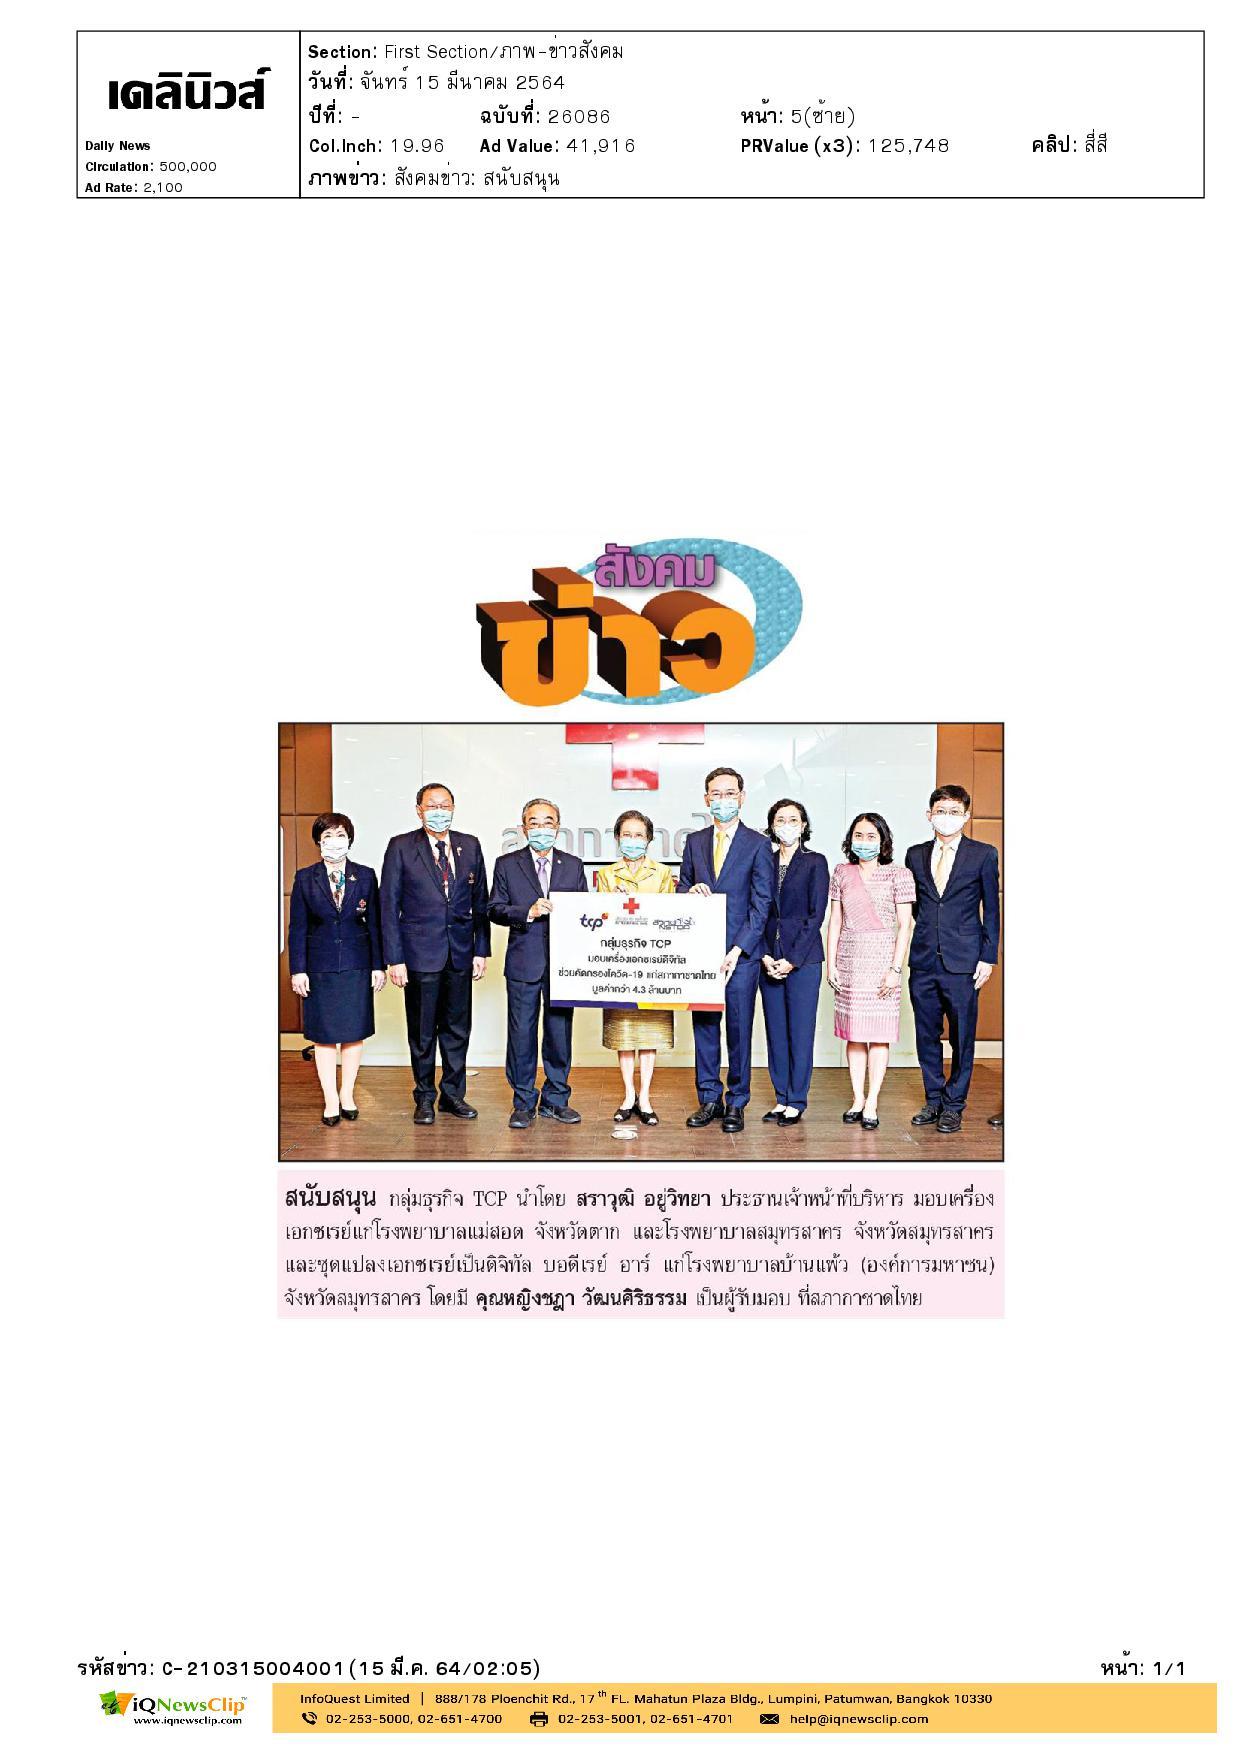 TCP มอบเครื่องเอกซเรย์ดิจิทัล ช่วยคัดกรองโรคโควิด-19 ให้แก่สภากาชาดไทย